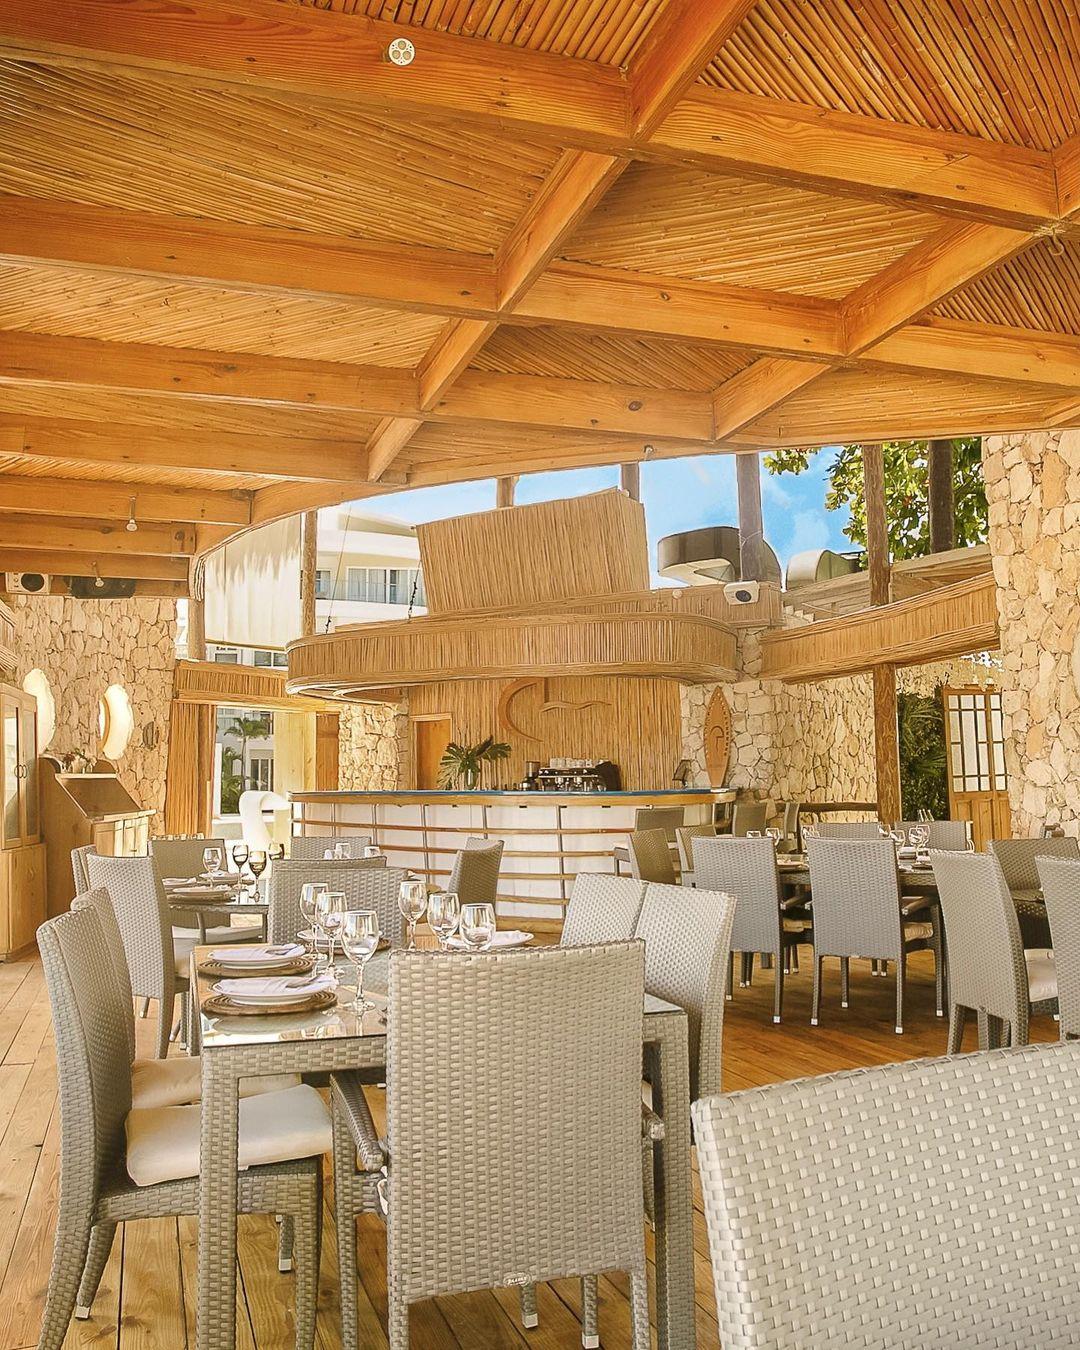 restaurants in punta cana, best restaurants in punta cana, punta cana food, where to eat in punta cana, jellyfish restaurant